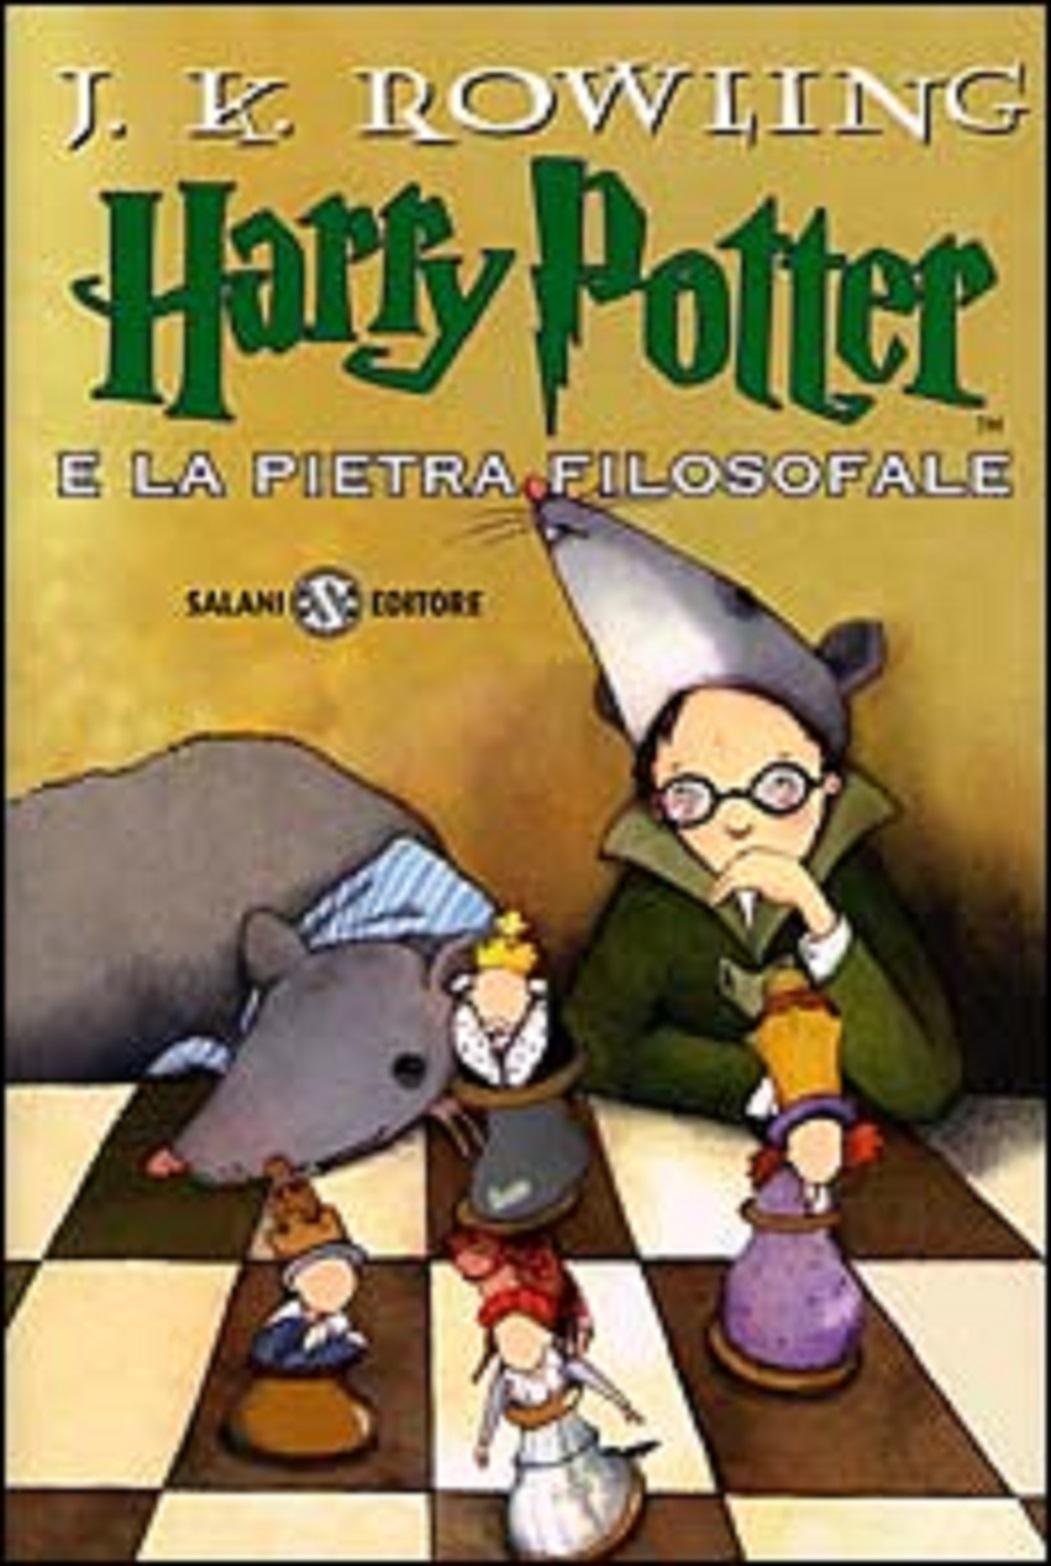 Harry Potter e la Pietra Filosofale Prima Edizione Serena Riglietti